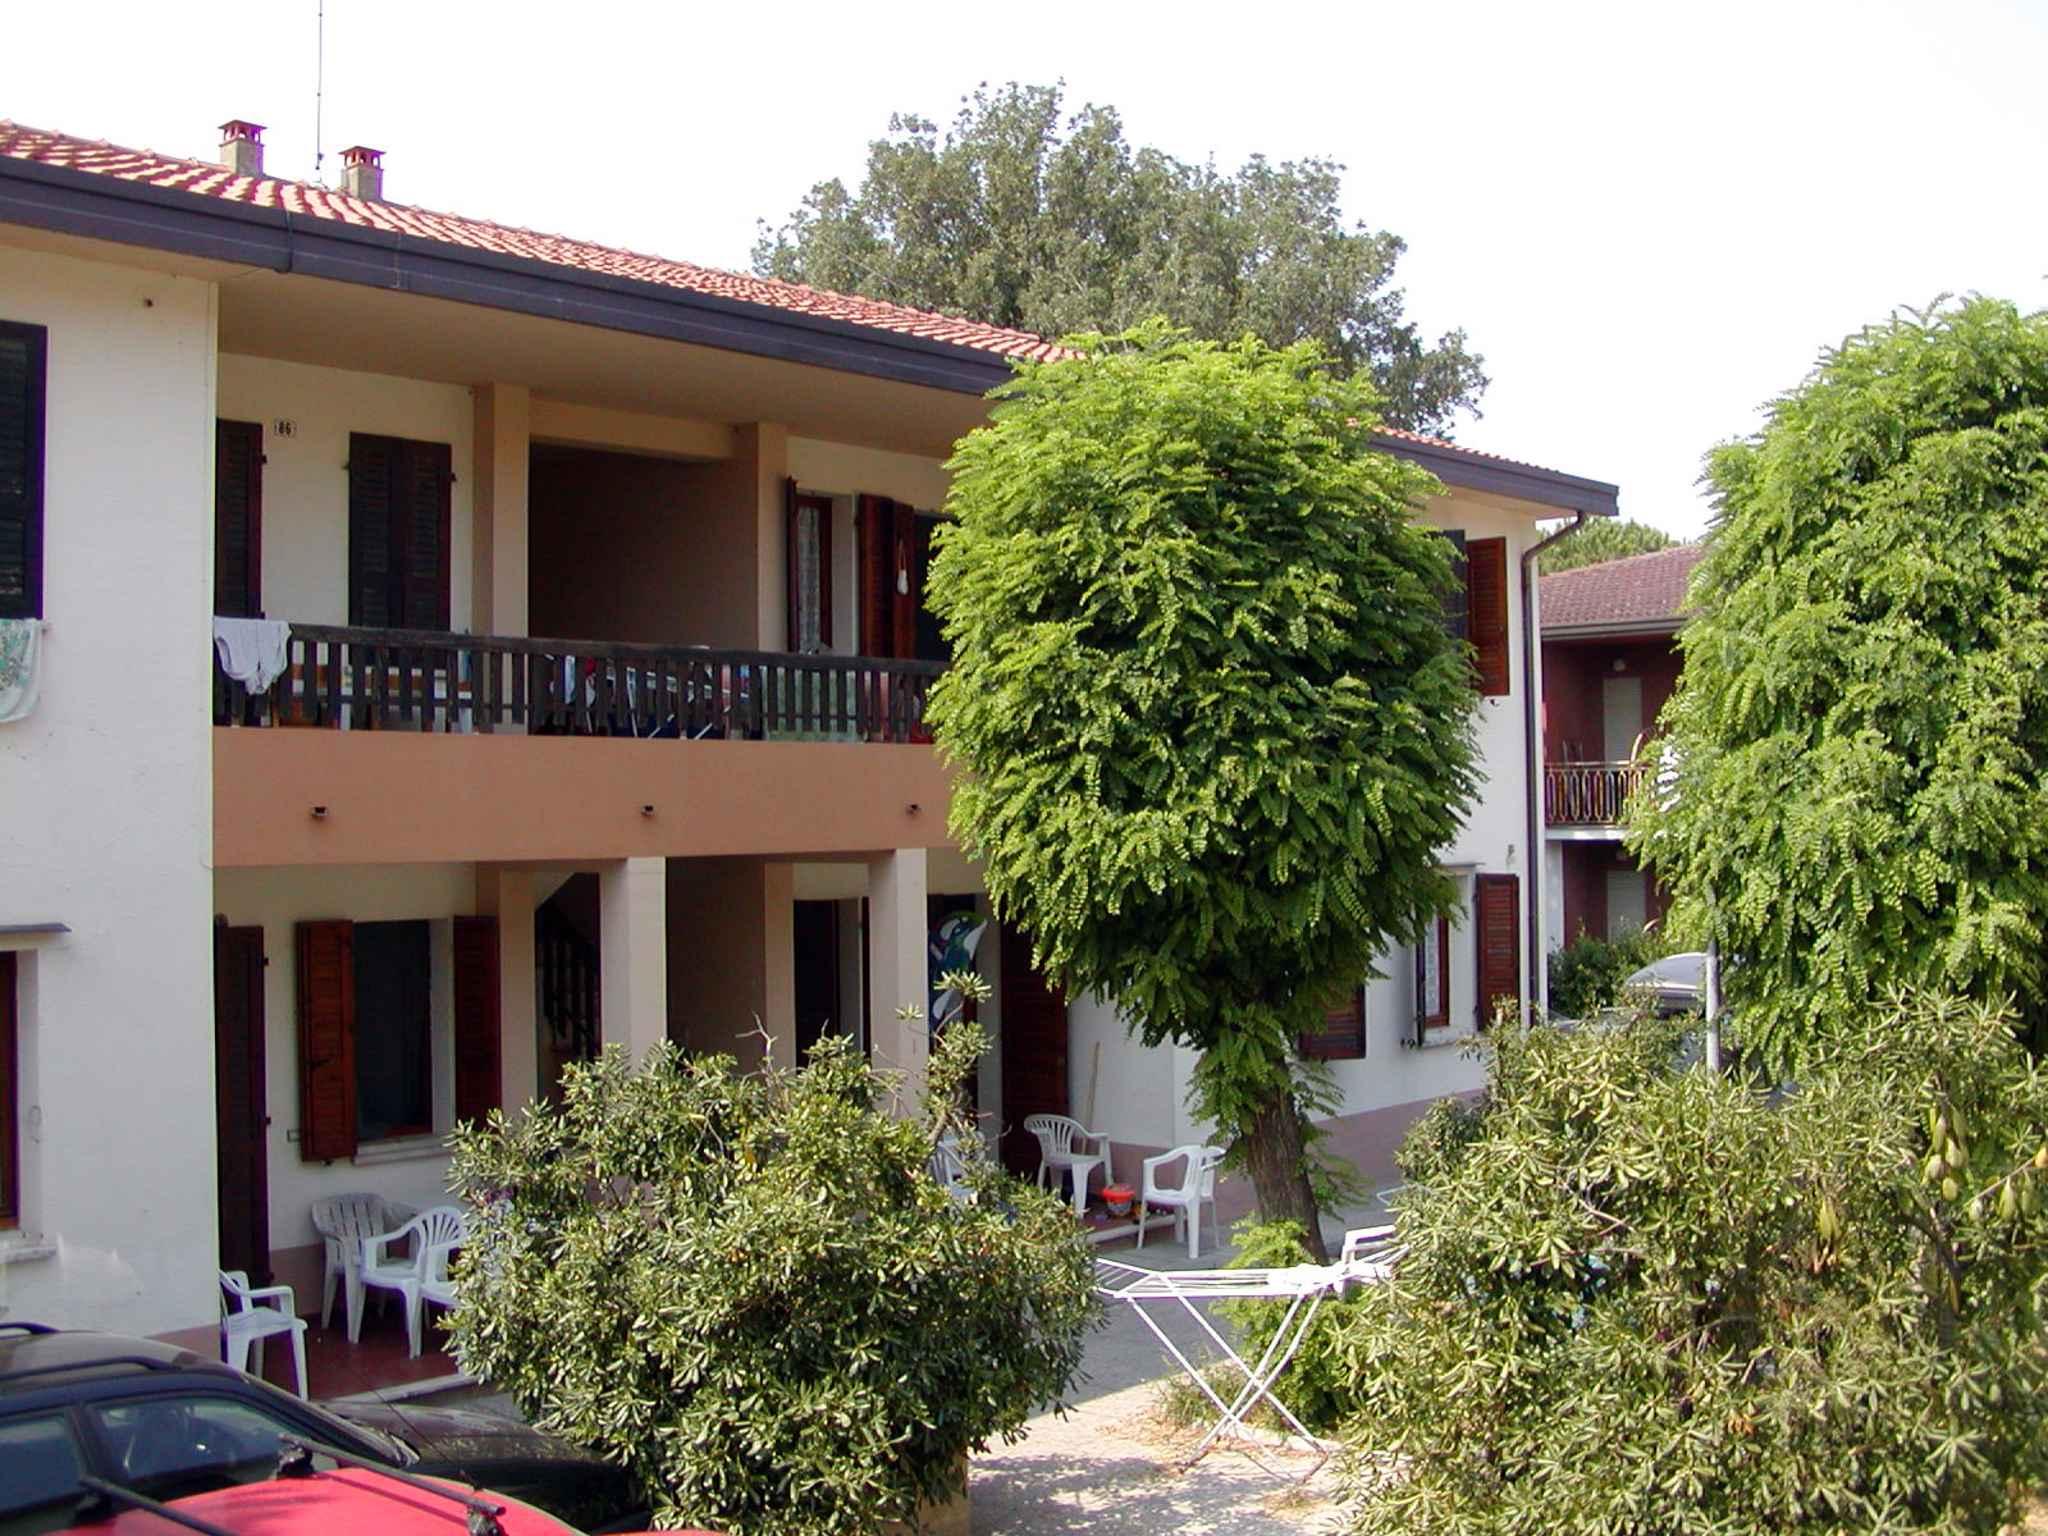 Ferienwohnung nur 150 m vom Strand mit Klima und Garten (284294), Rosolina Mare, Rovigo, Venetien, Italien, Bild 1